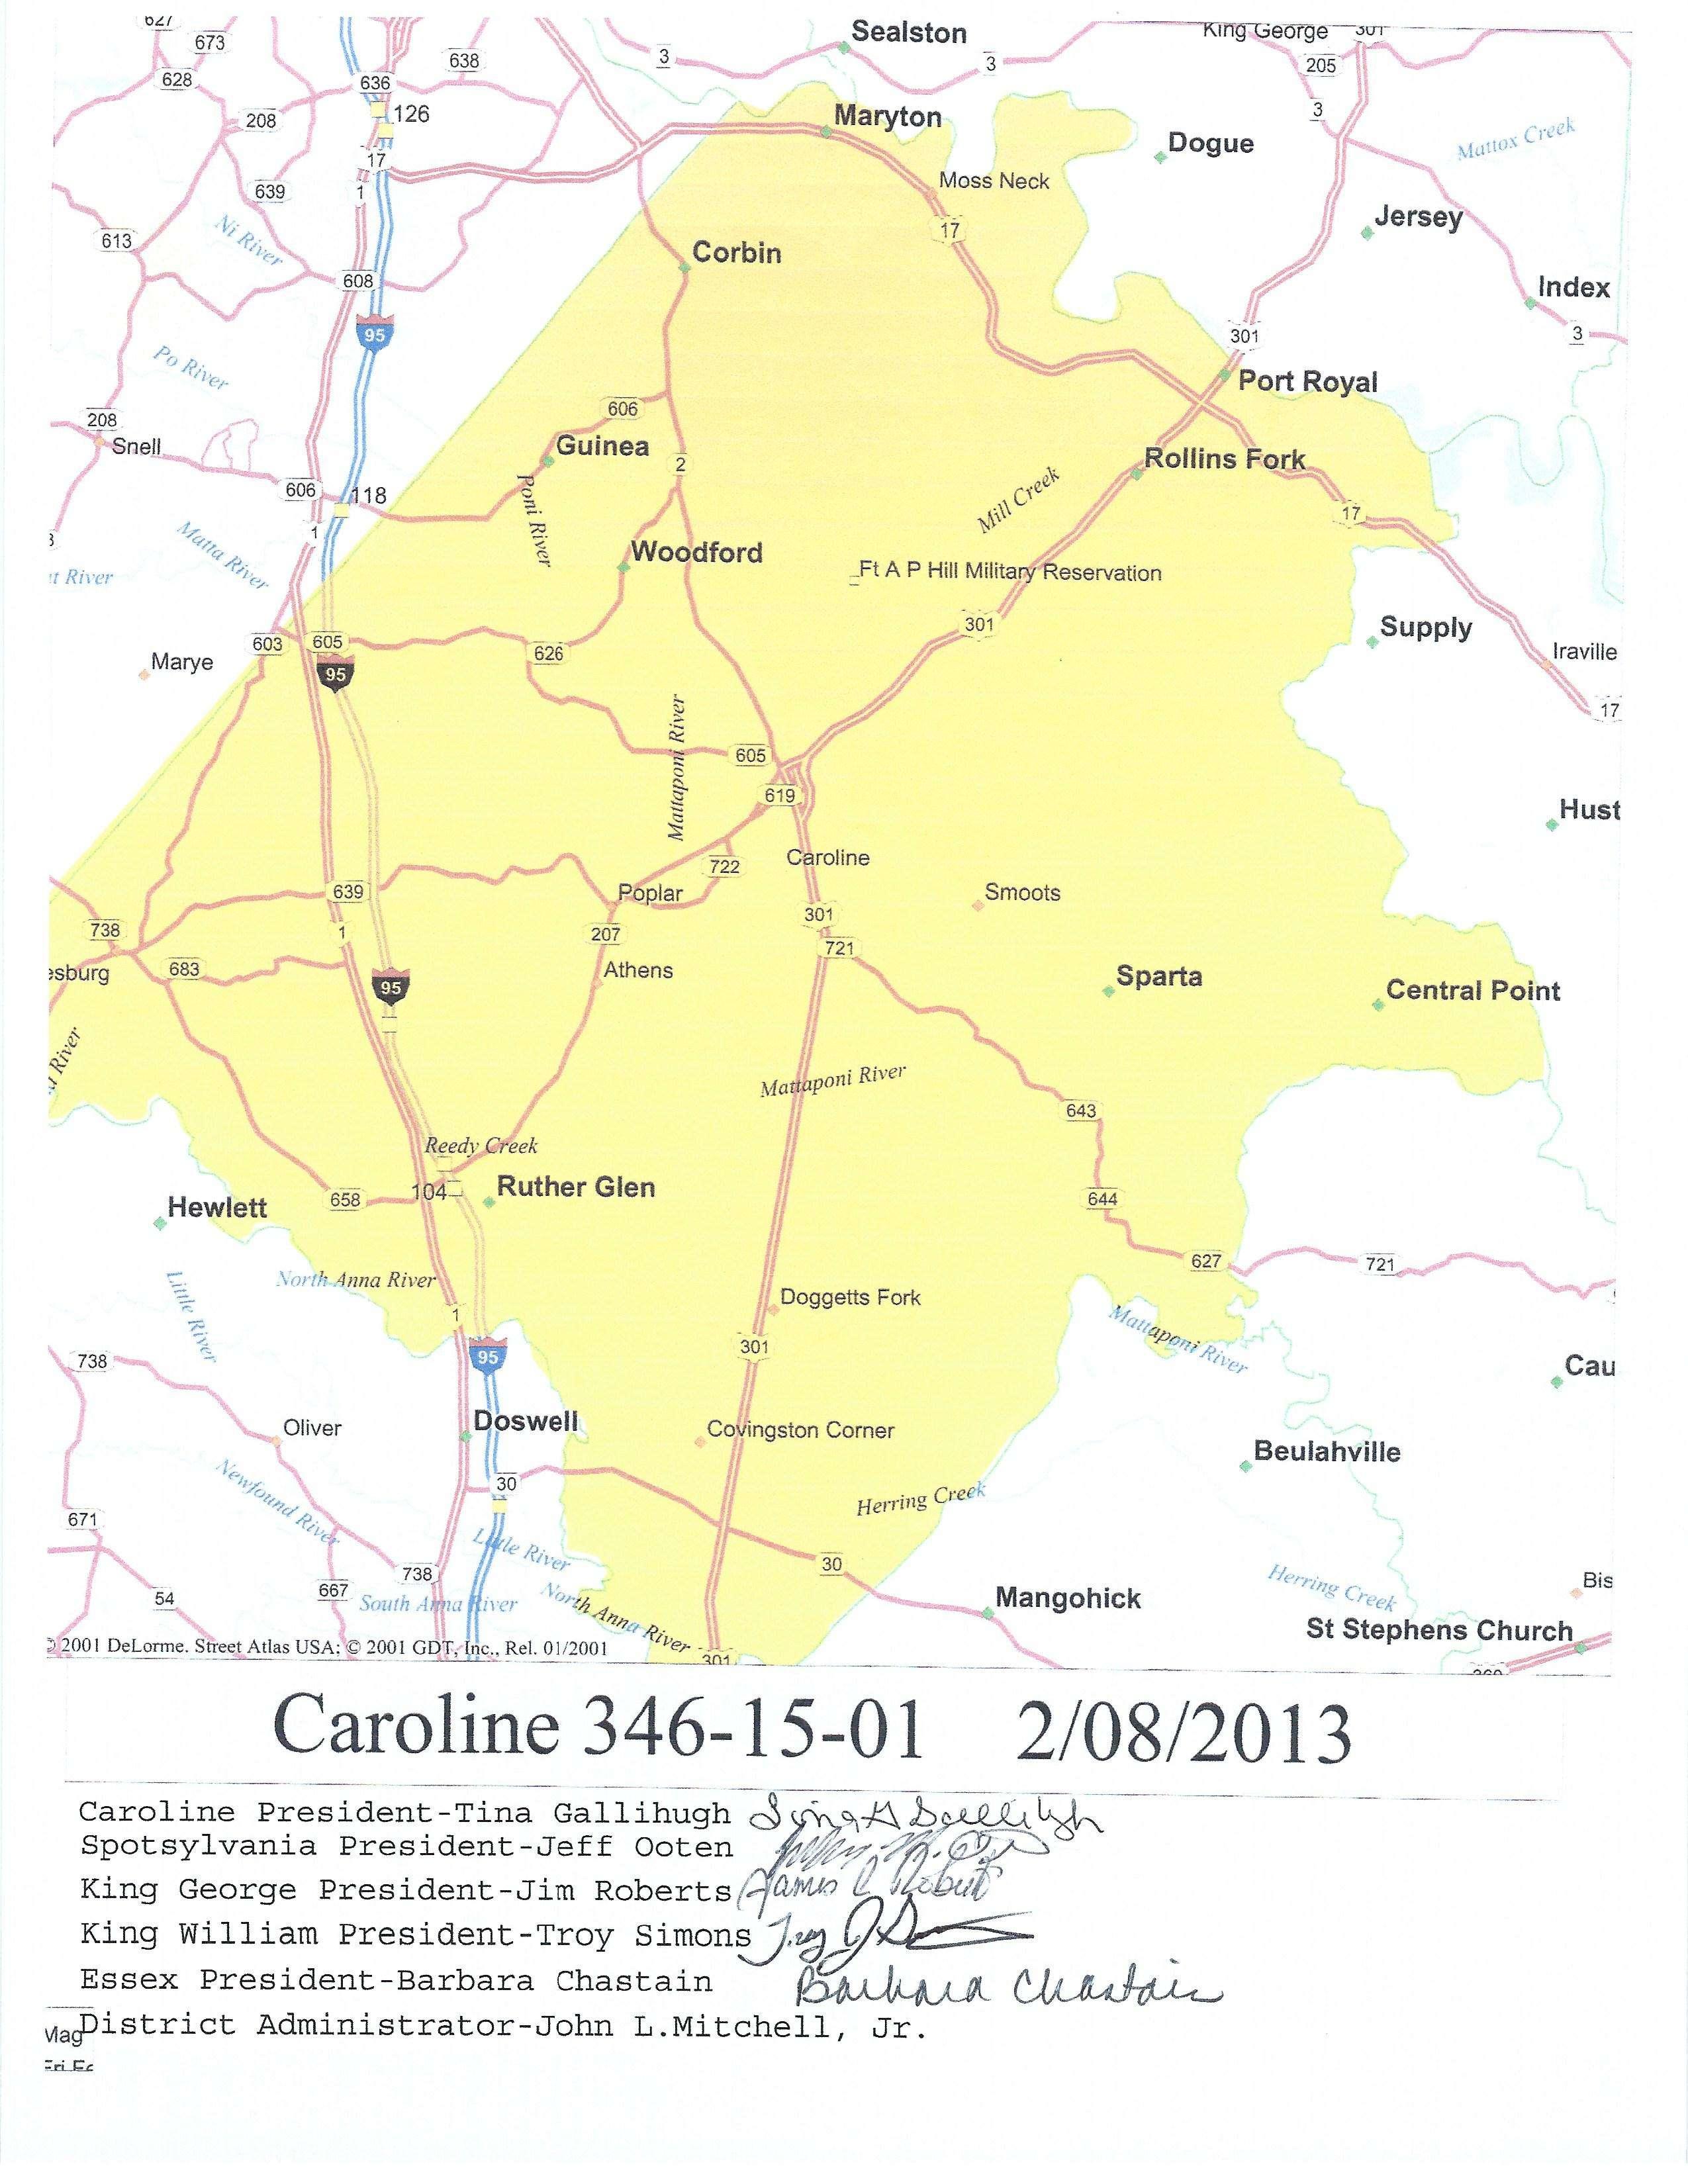 2013 Caroline